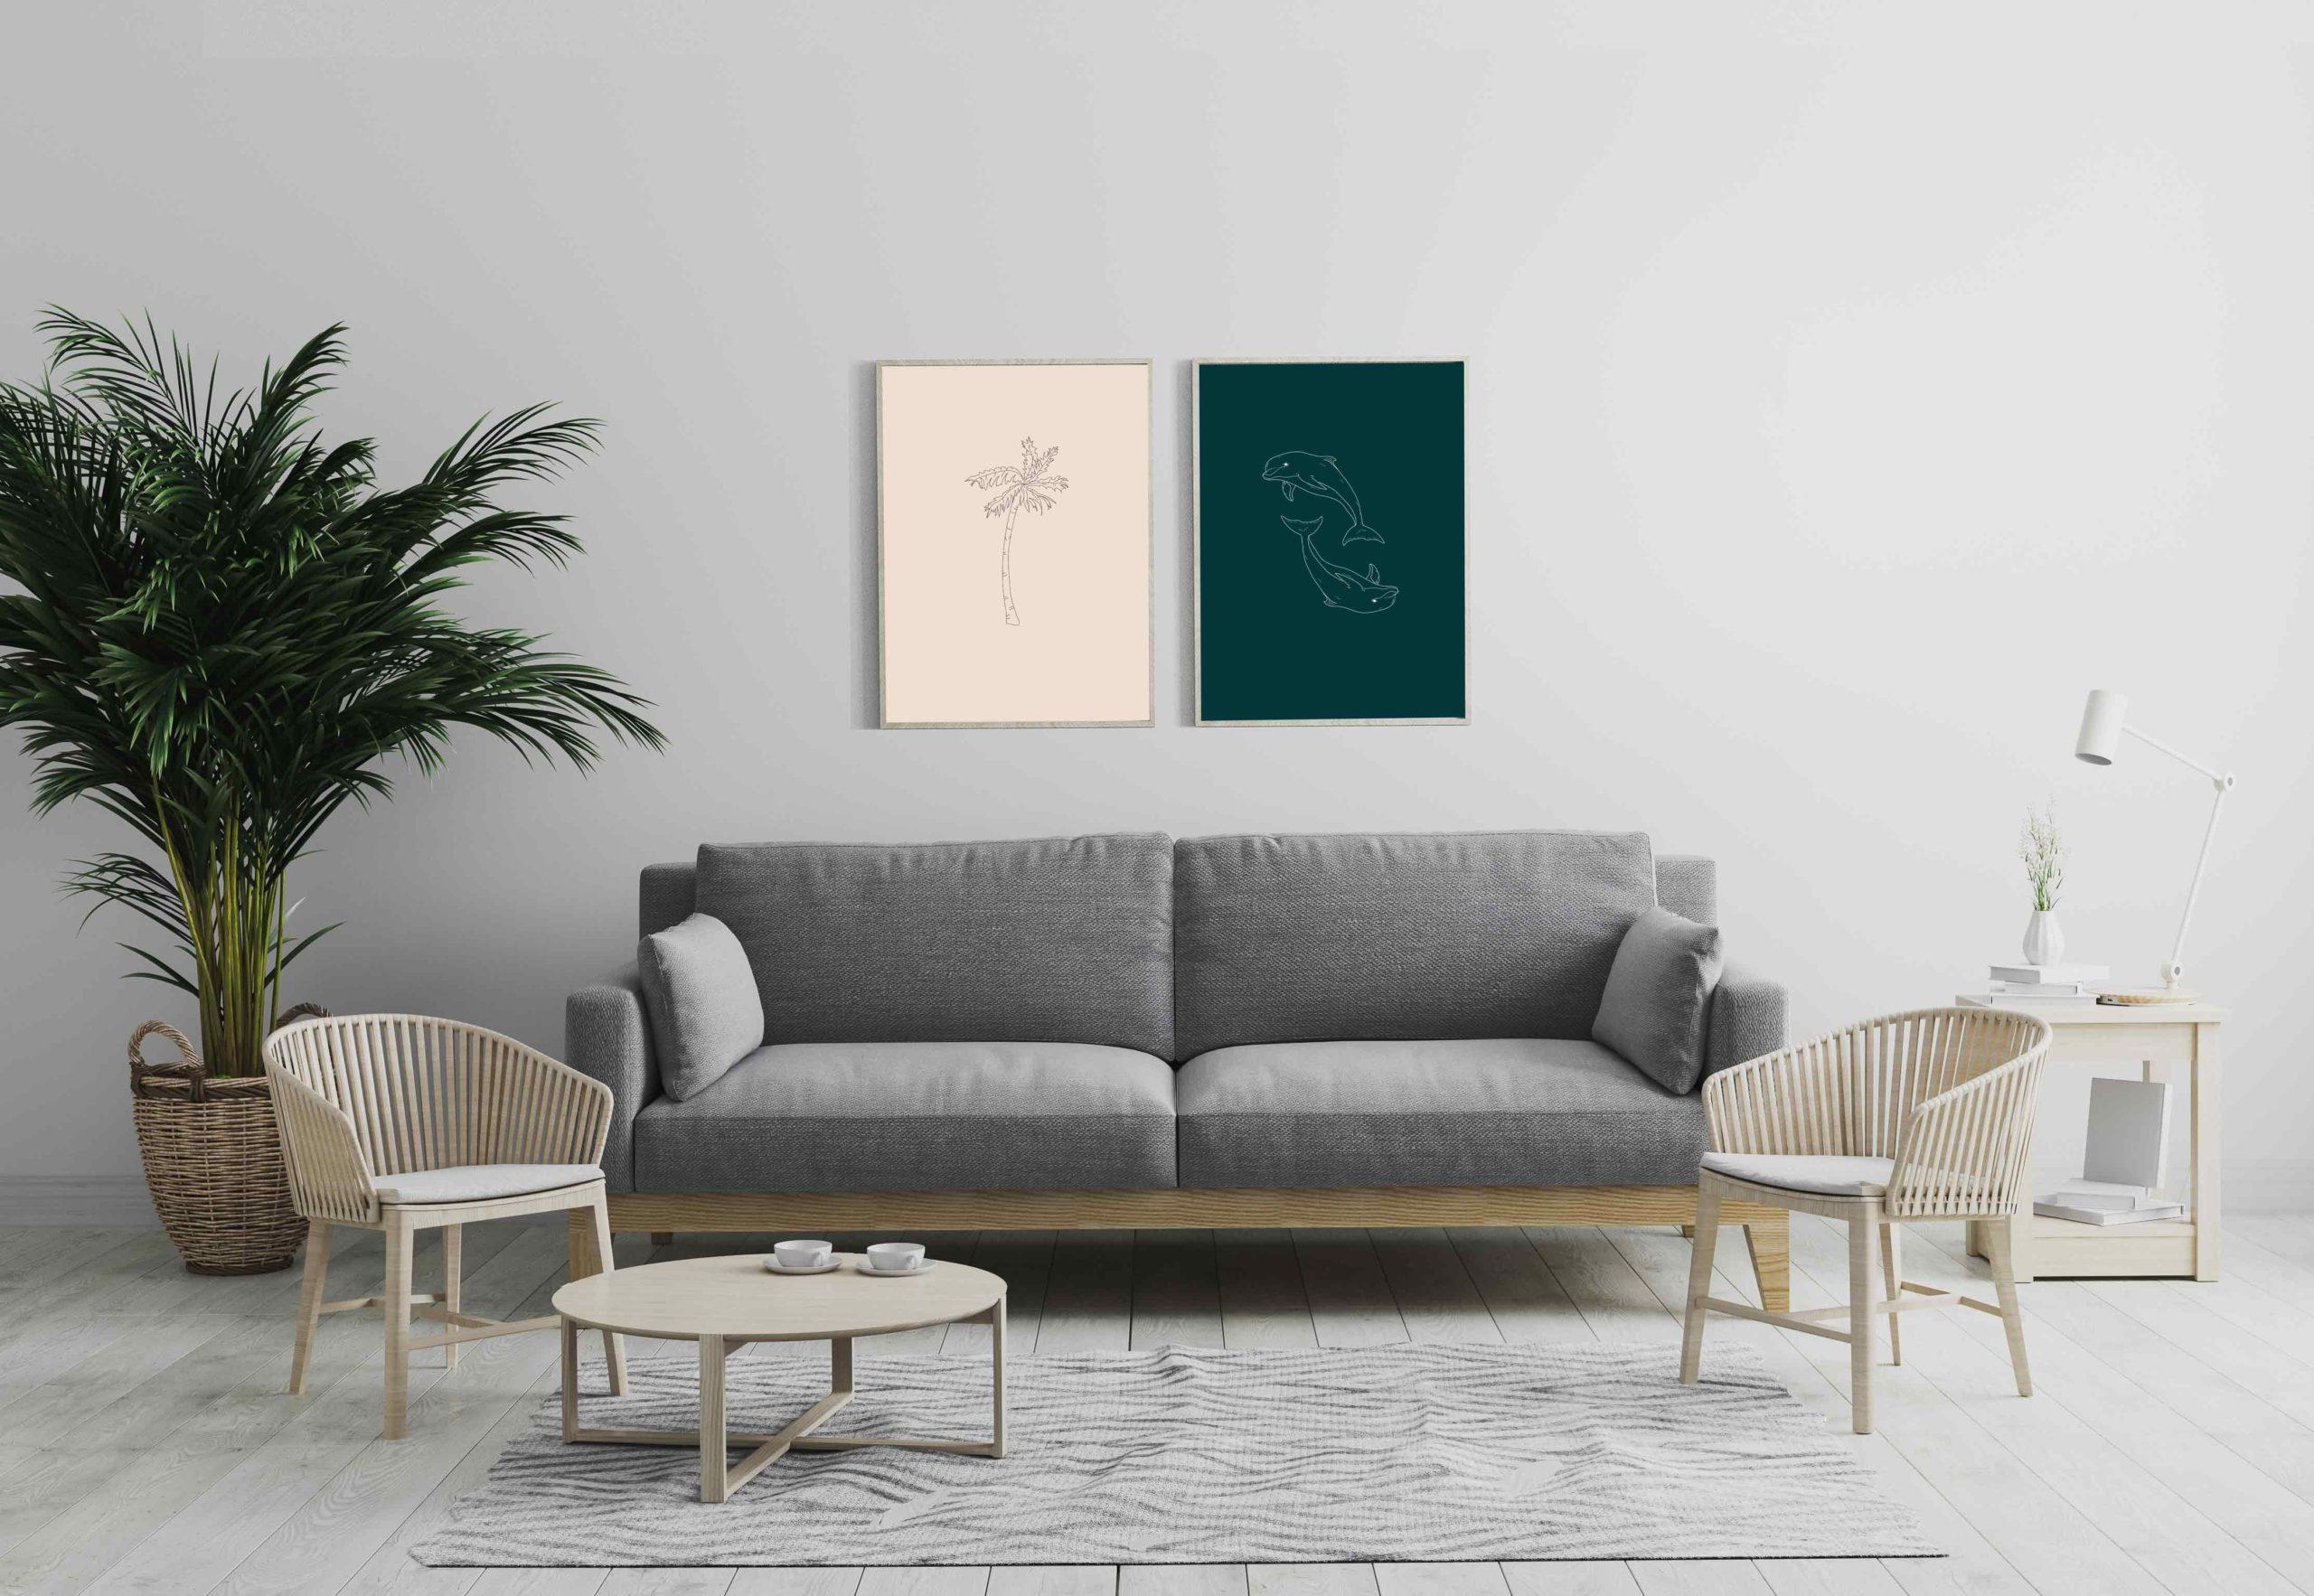 Un salon avec deux cadres contenant mes illustrations sur la saison d'été : un palmier et deux dauphins.